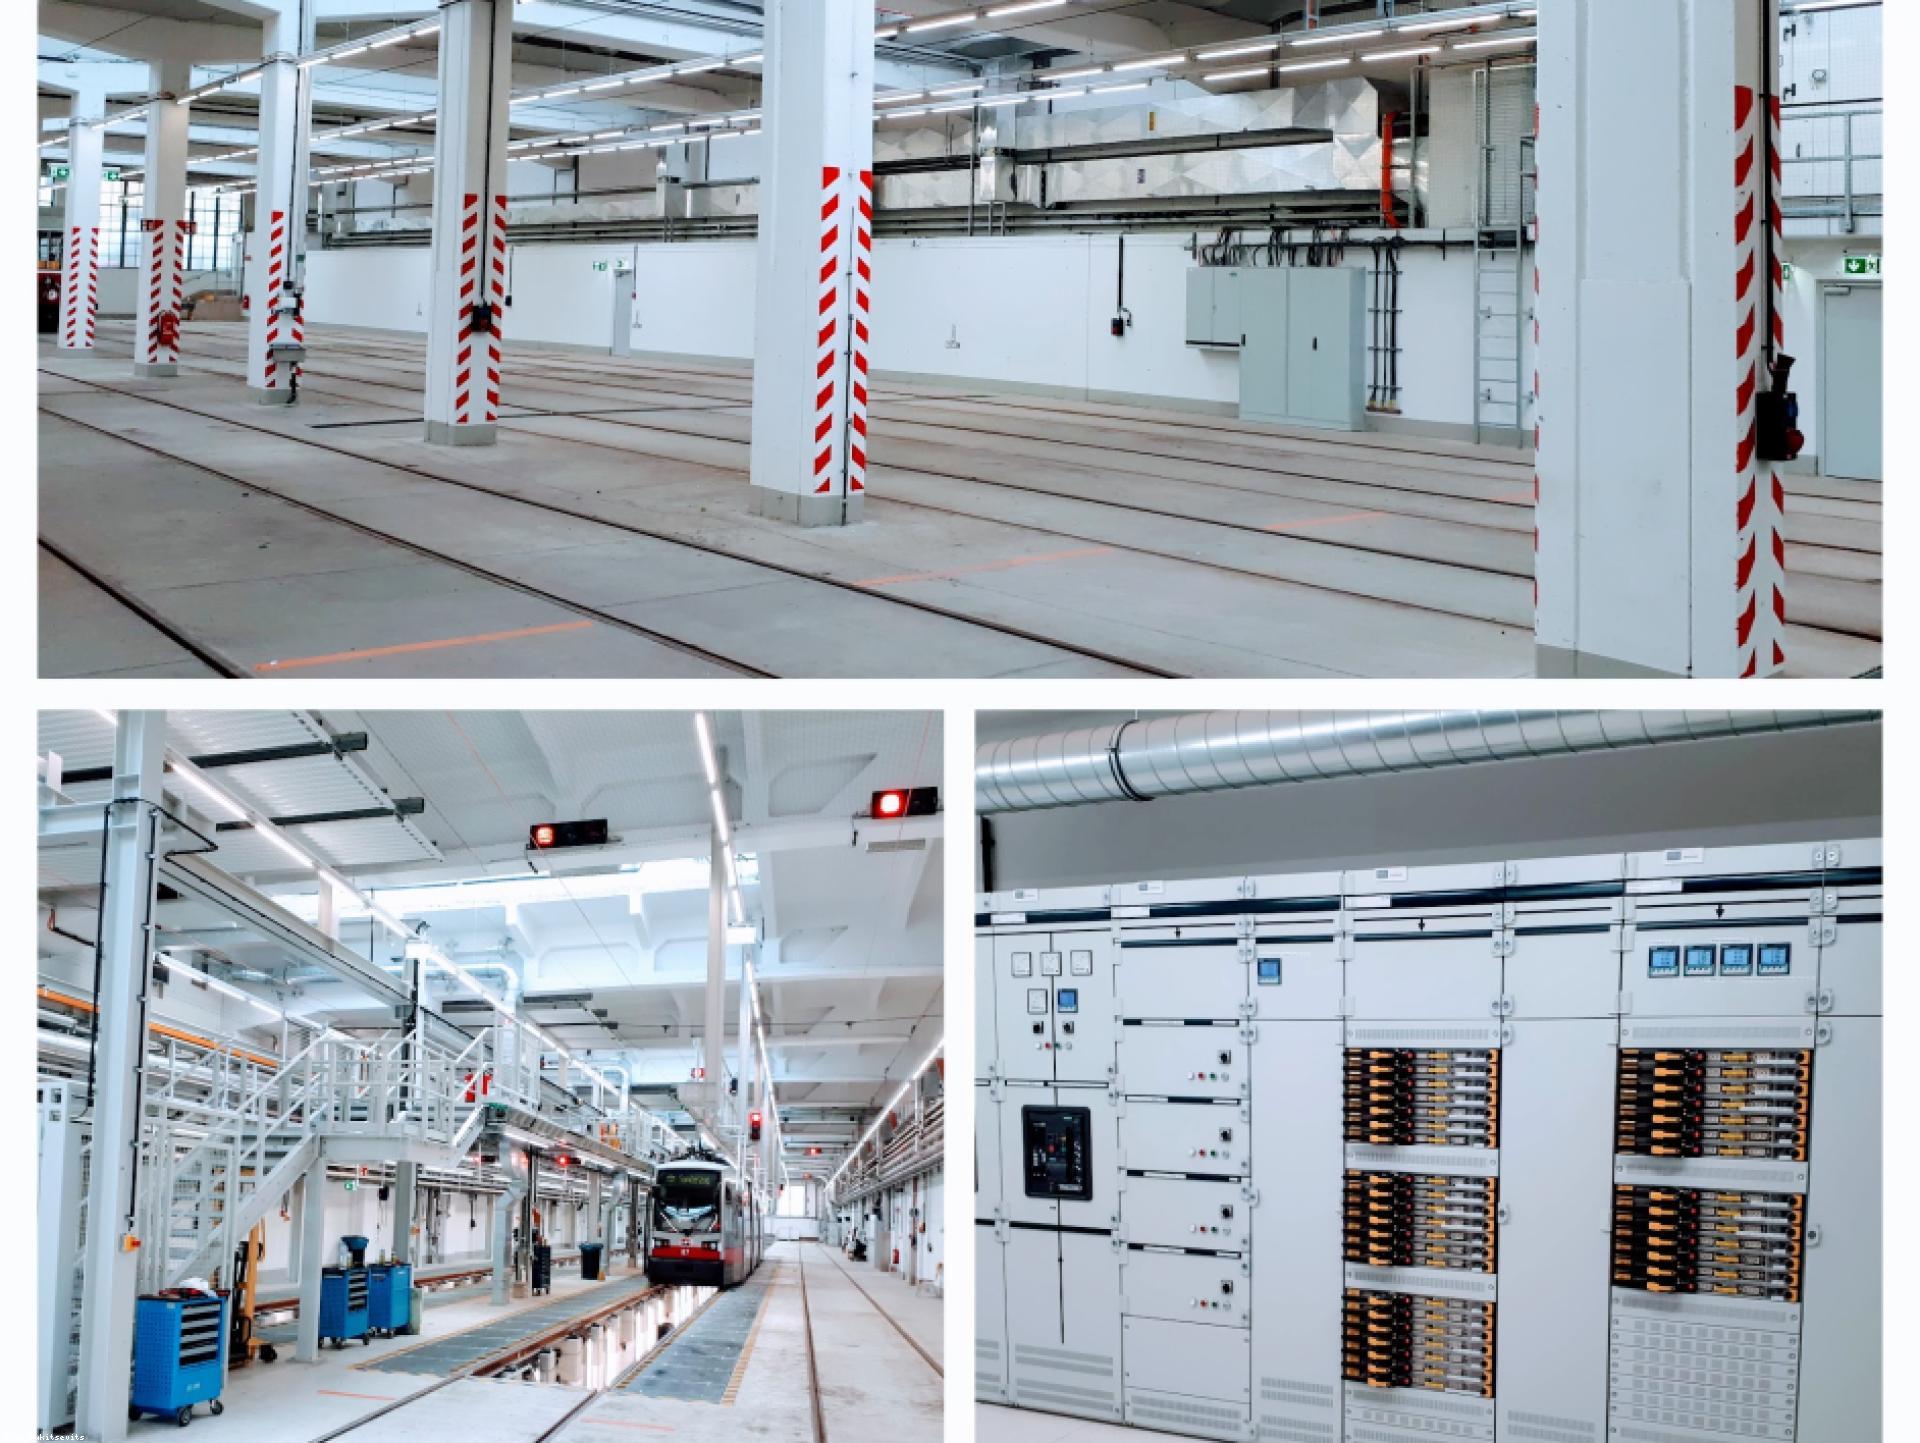 Mood-Image ELIN Referenz: Umbau des Bahnhofes Speising im Zuge des Projektes Remise 2.0